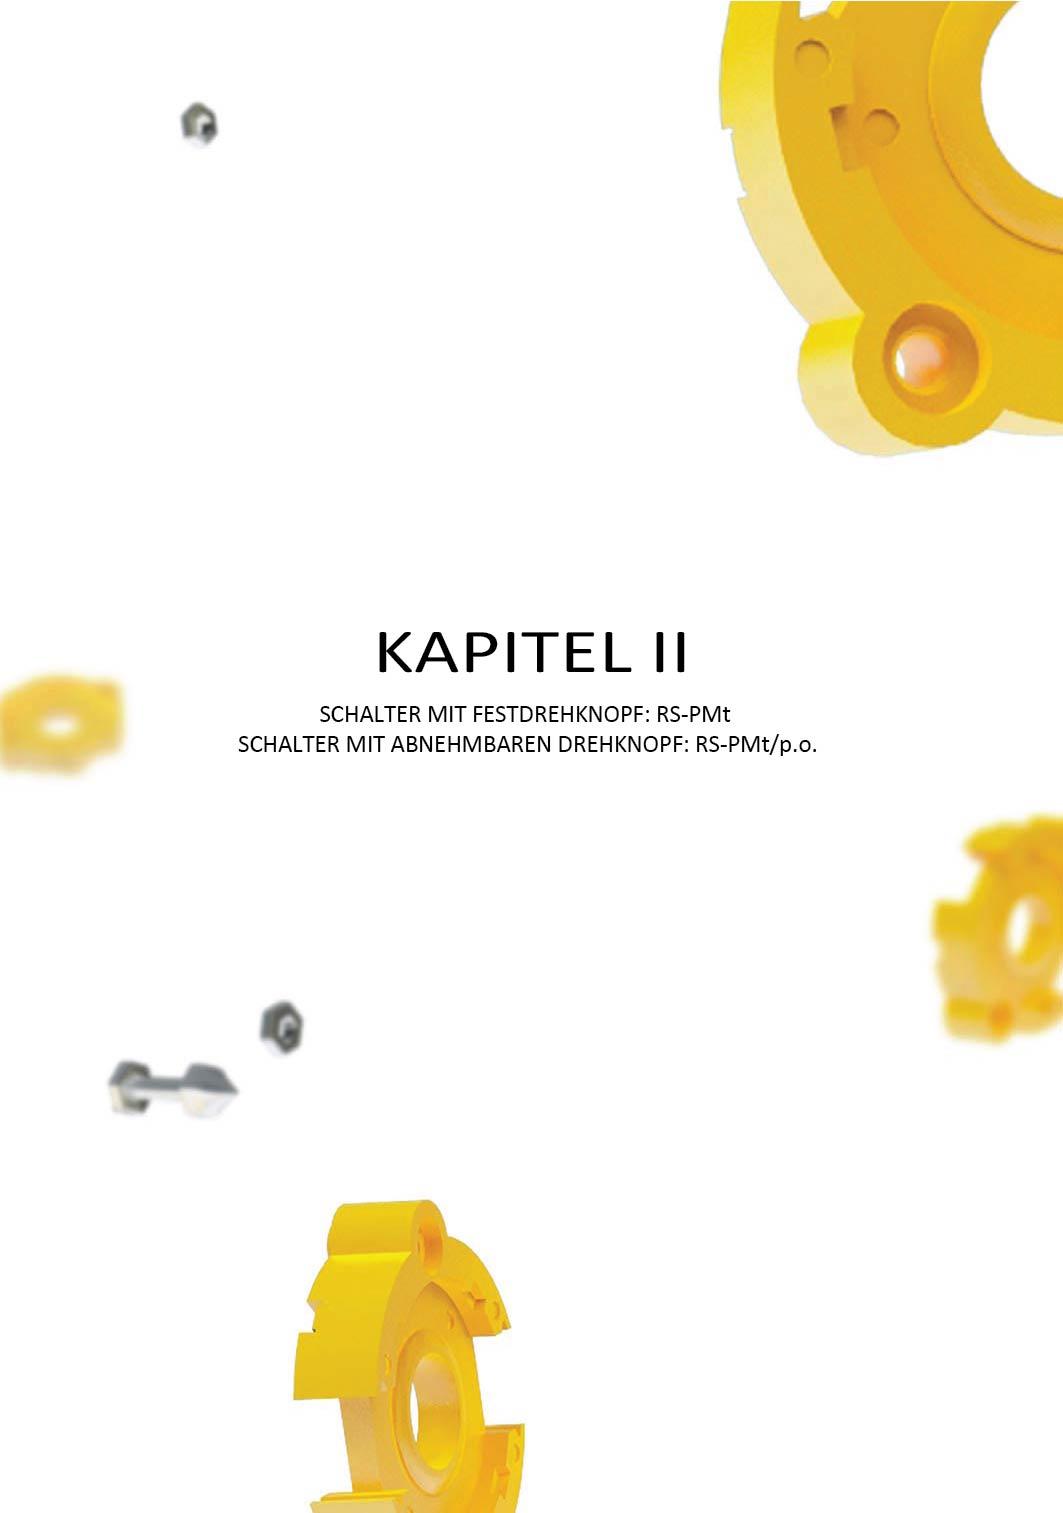 GOTOWY_KATALOG_DE-09